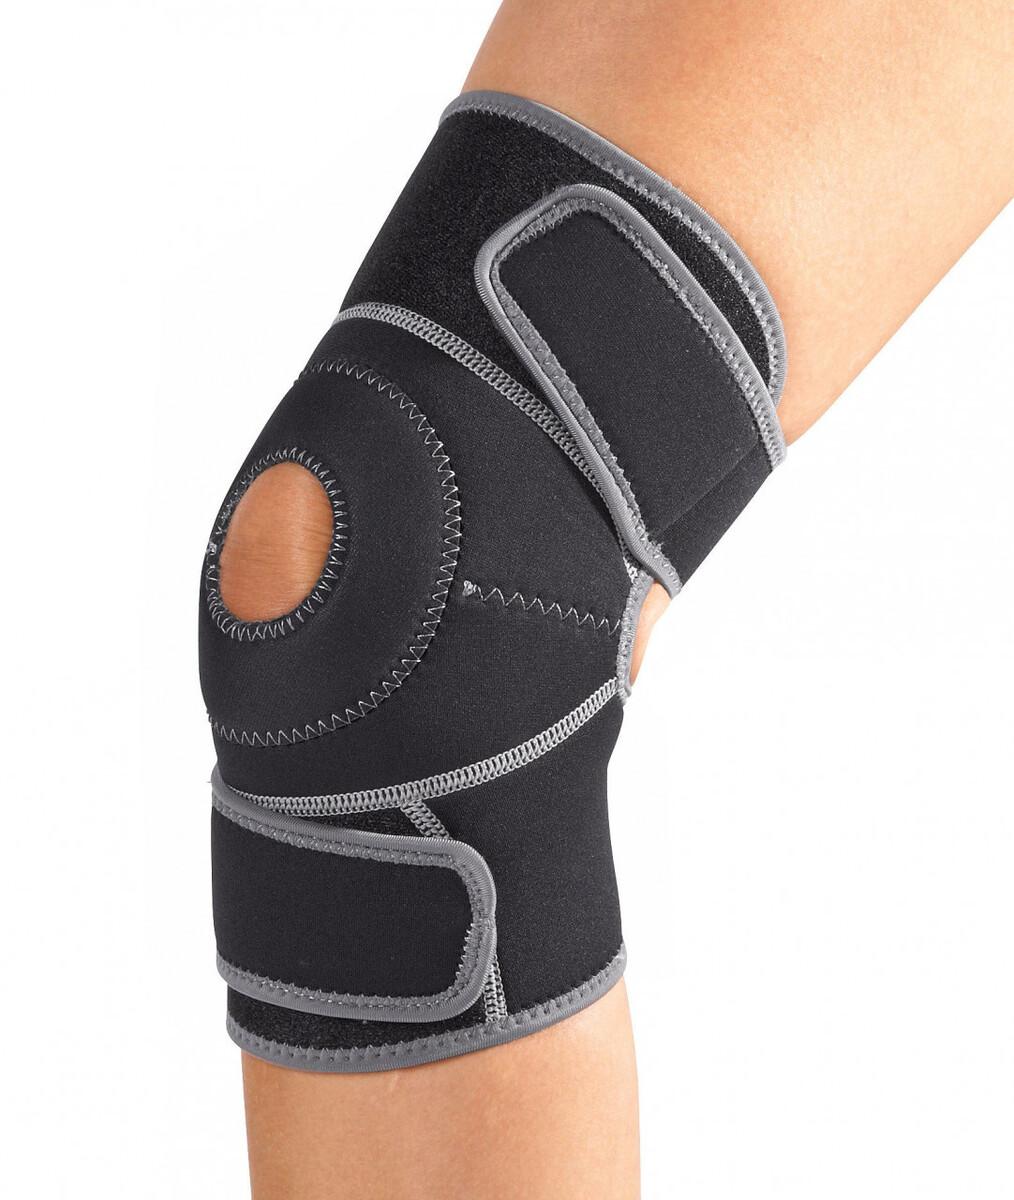 Bild 2 von Dittmann Health Kniegelenk-Bandage